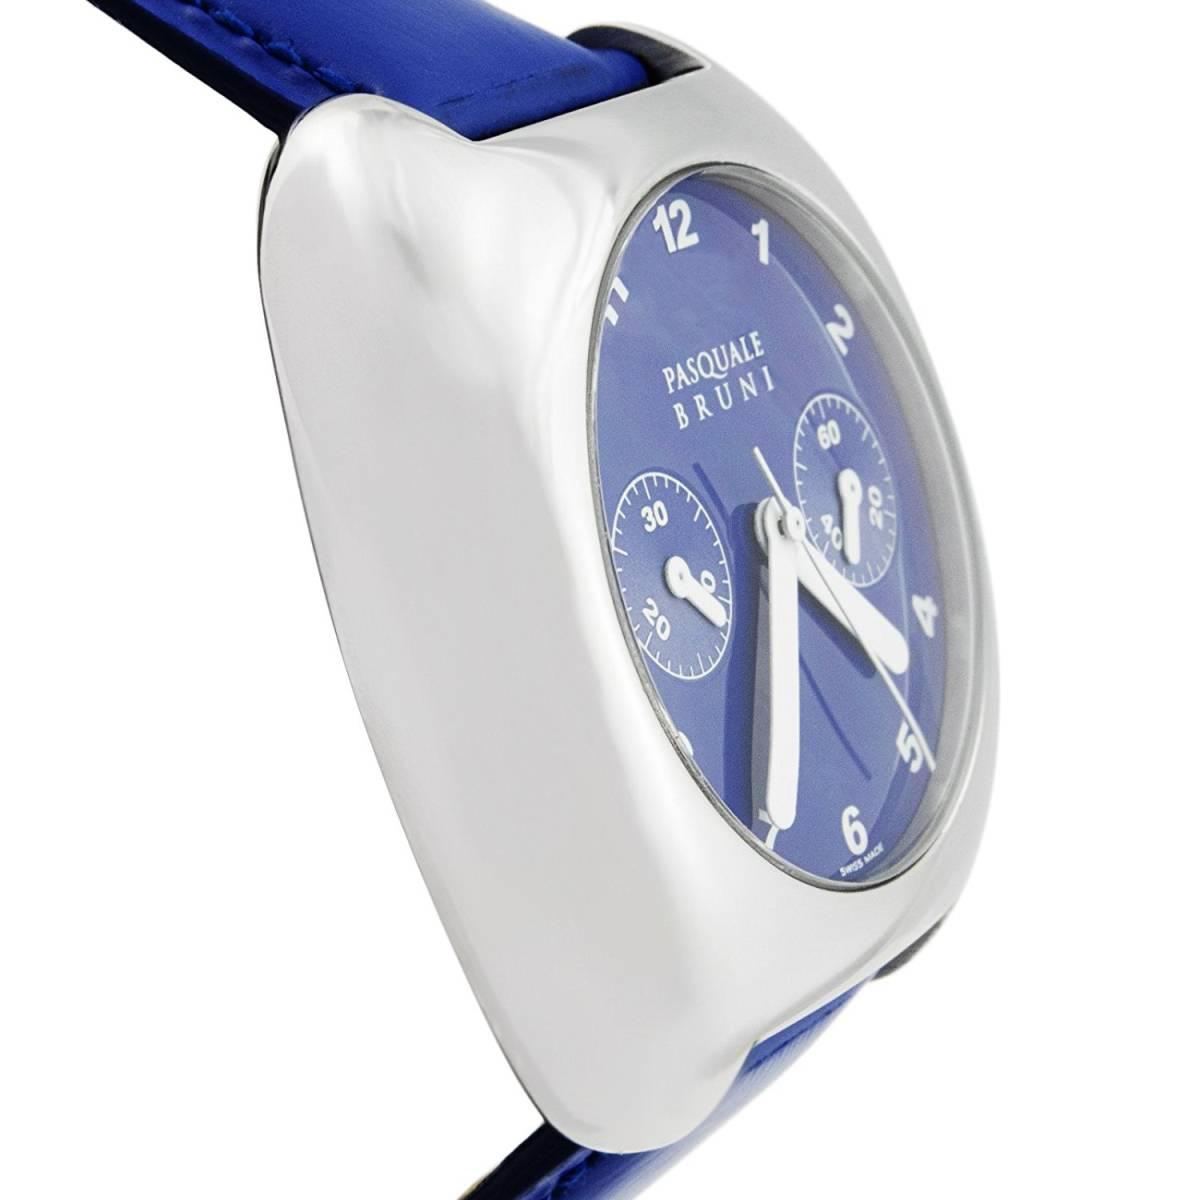 新品 パスクワーレ ブルーニ UOMO クロノグラフ 自動巻き 定価46万円 メンズ腕時計 ブルー文字盤 ブルーレザー PASQUALE BRUNI _画像4